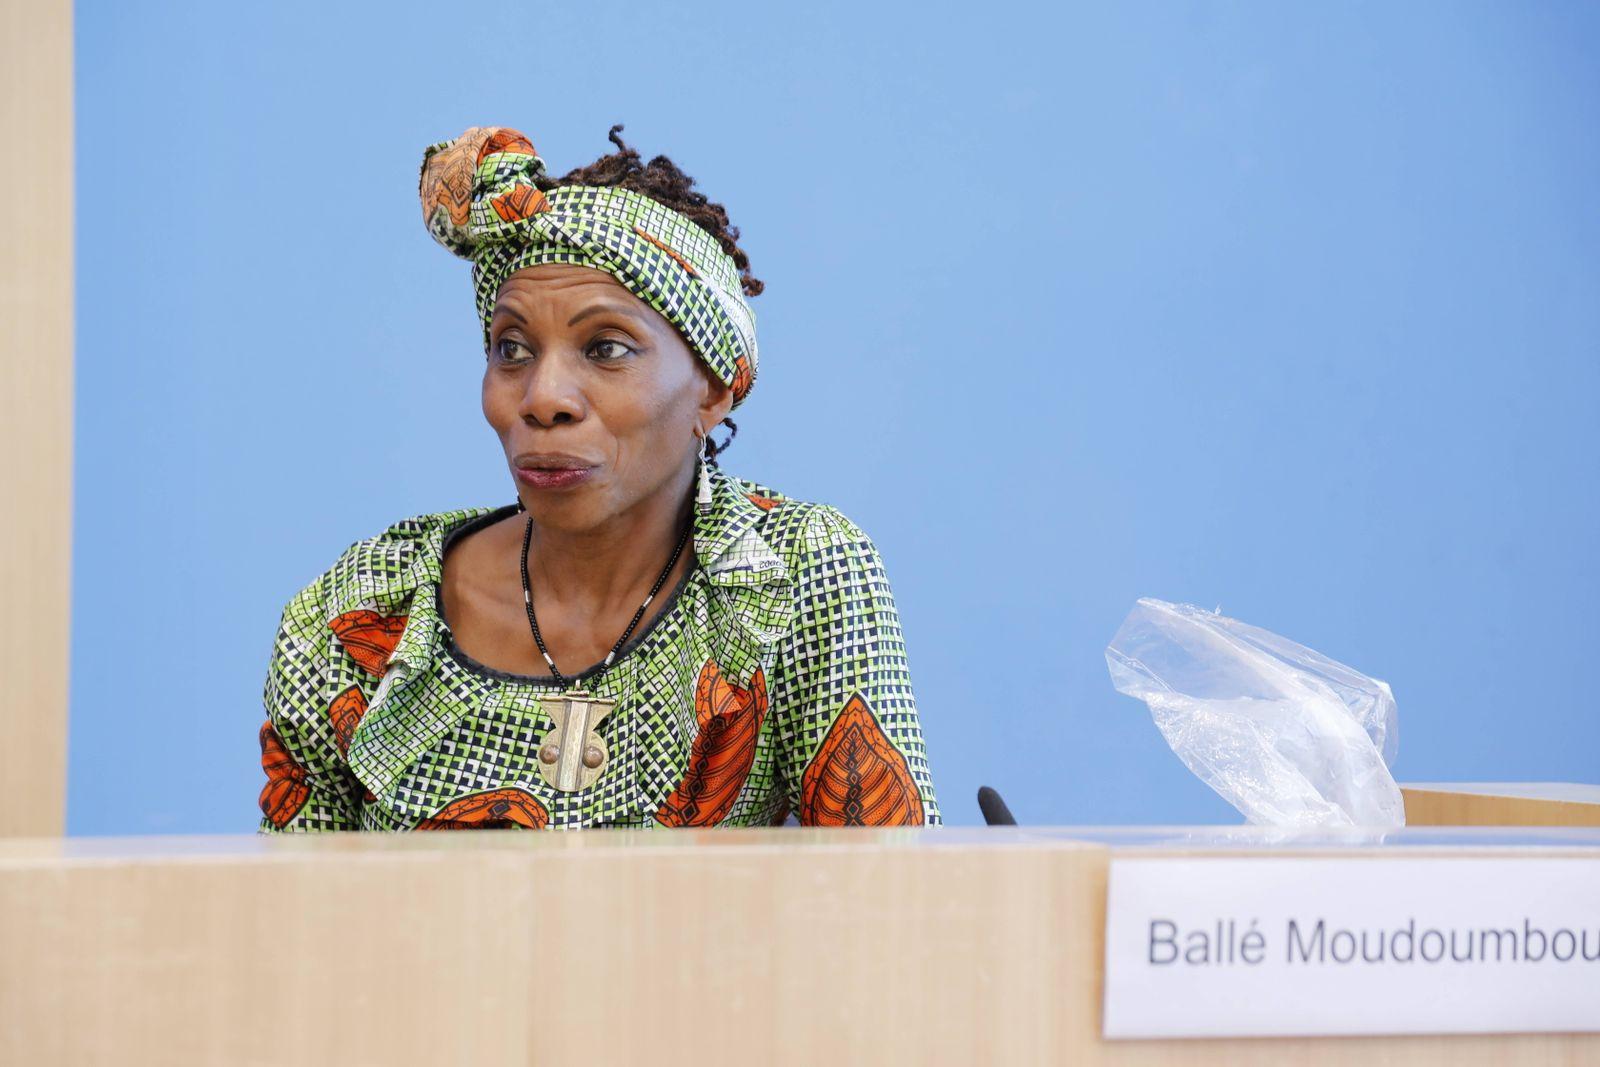 Marianne Balle Moudoumbou, Mitglied des Vertreter*innenrates der Bundeskonferenz der Migrant*innenorganisationen und Sp